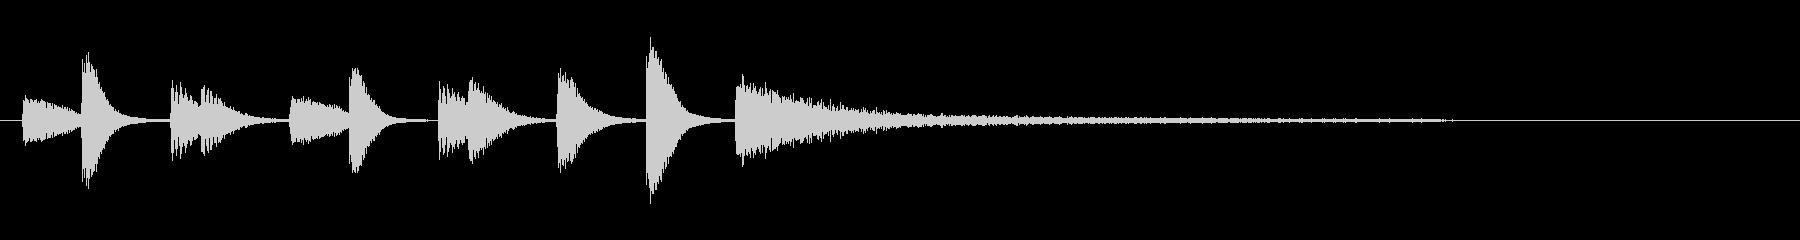 Piano Chord Jingle 1の未再生の波形